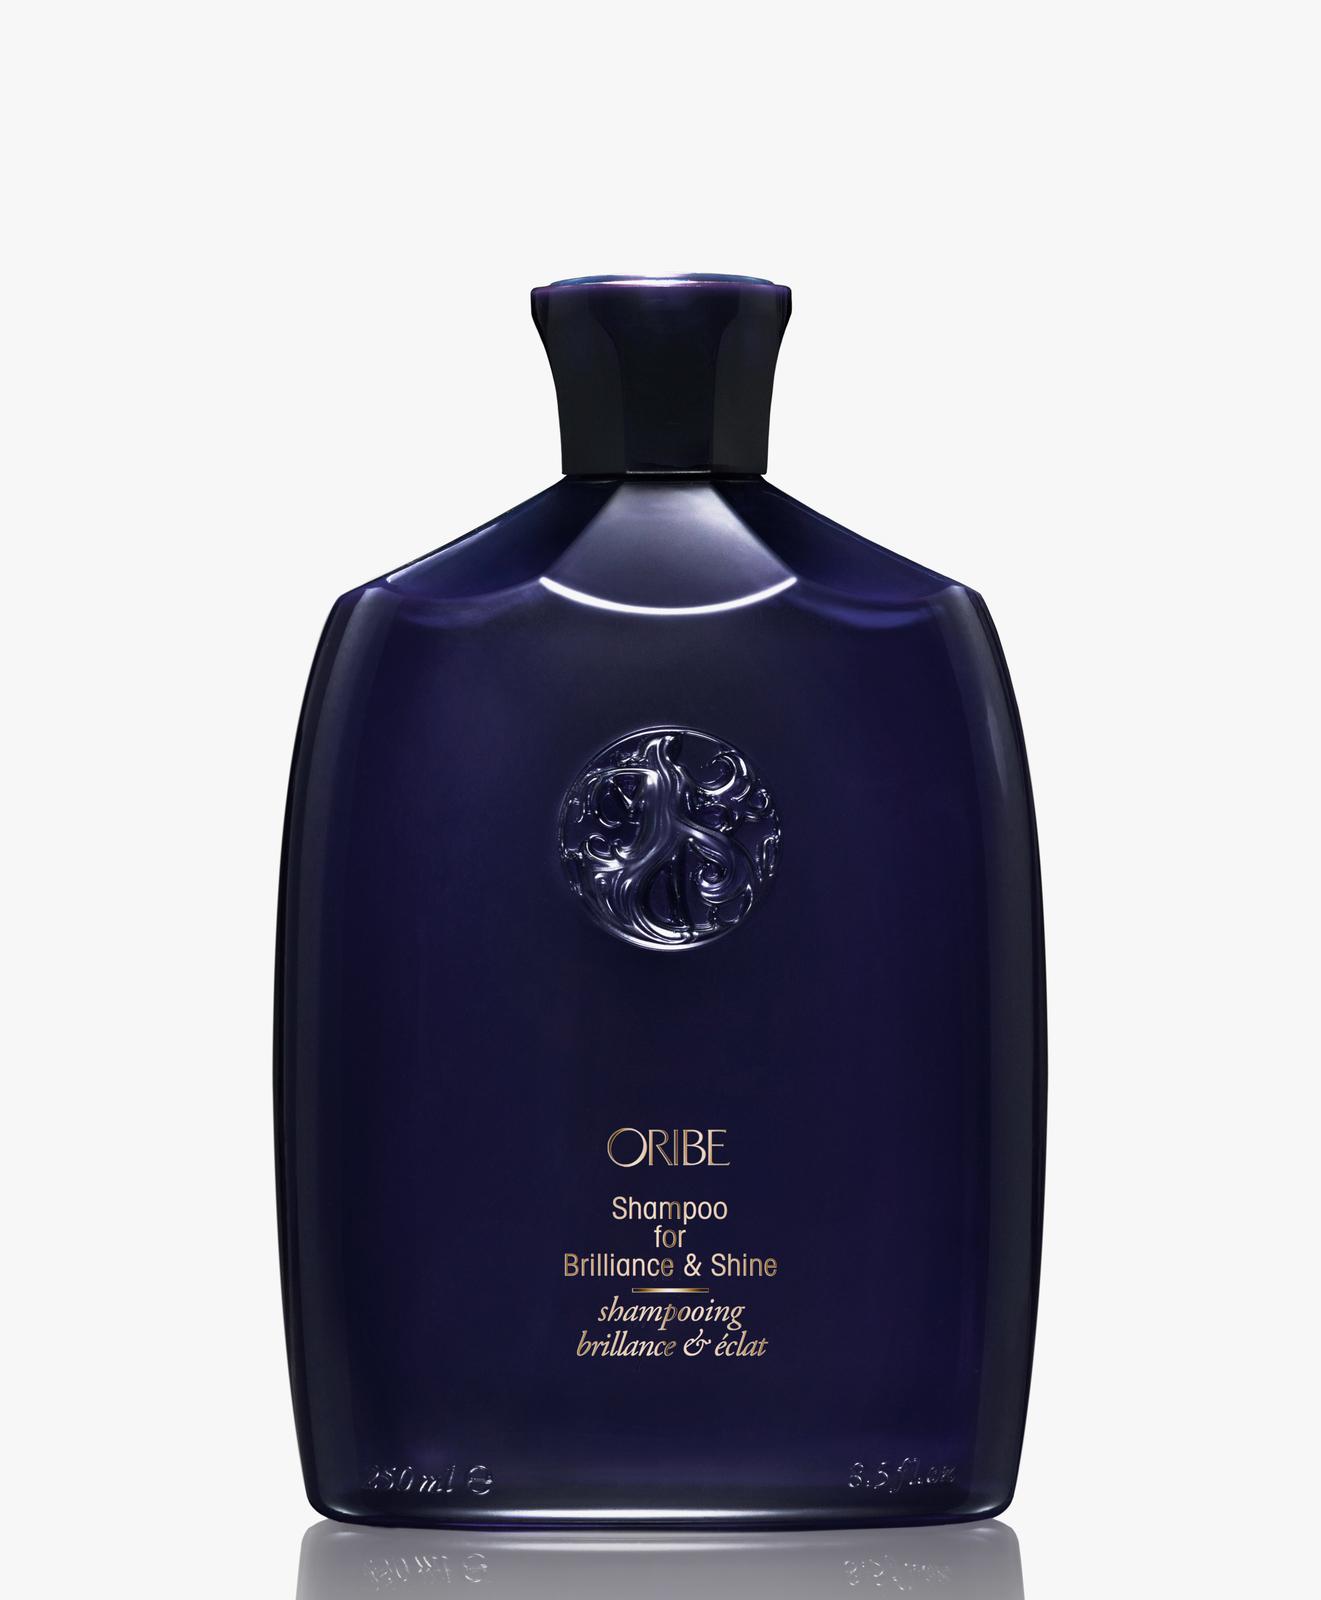 Immagine di Oribe Shampoo Brilliance & Shine Collection